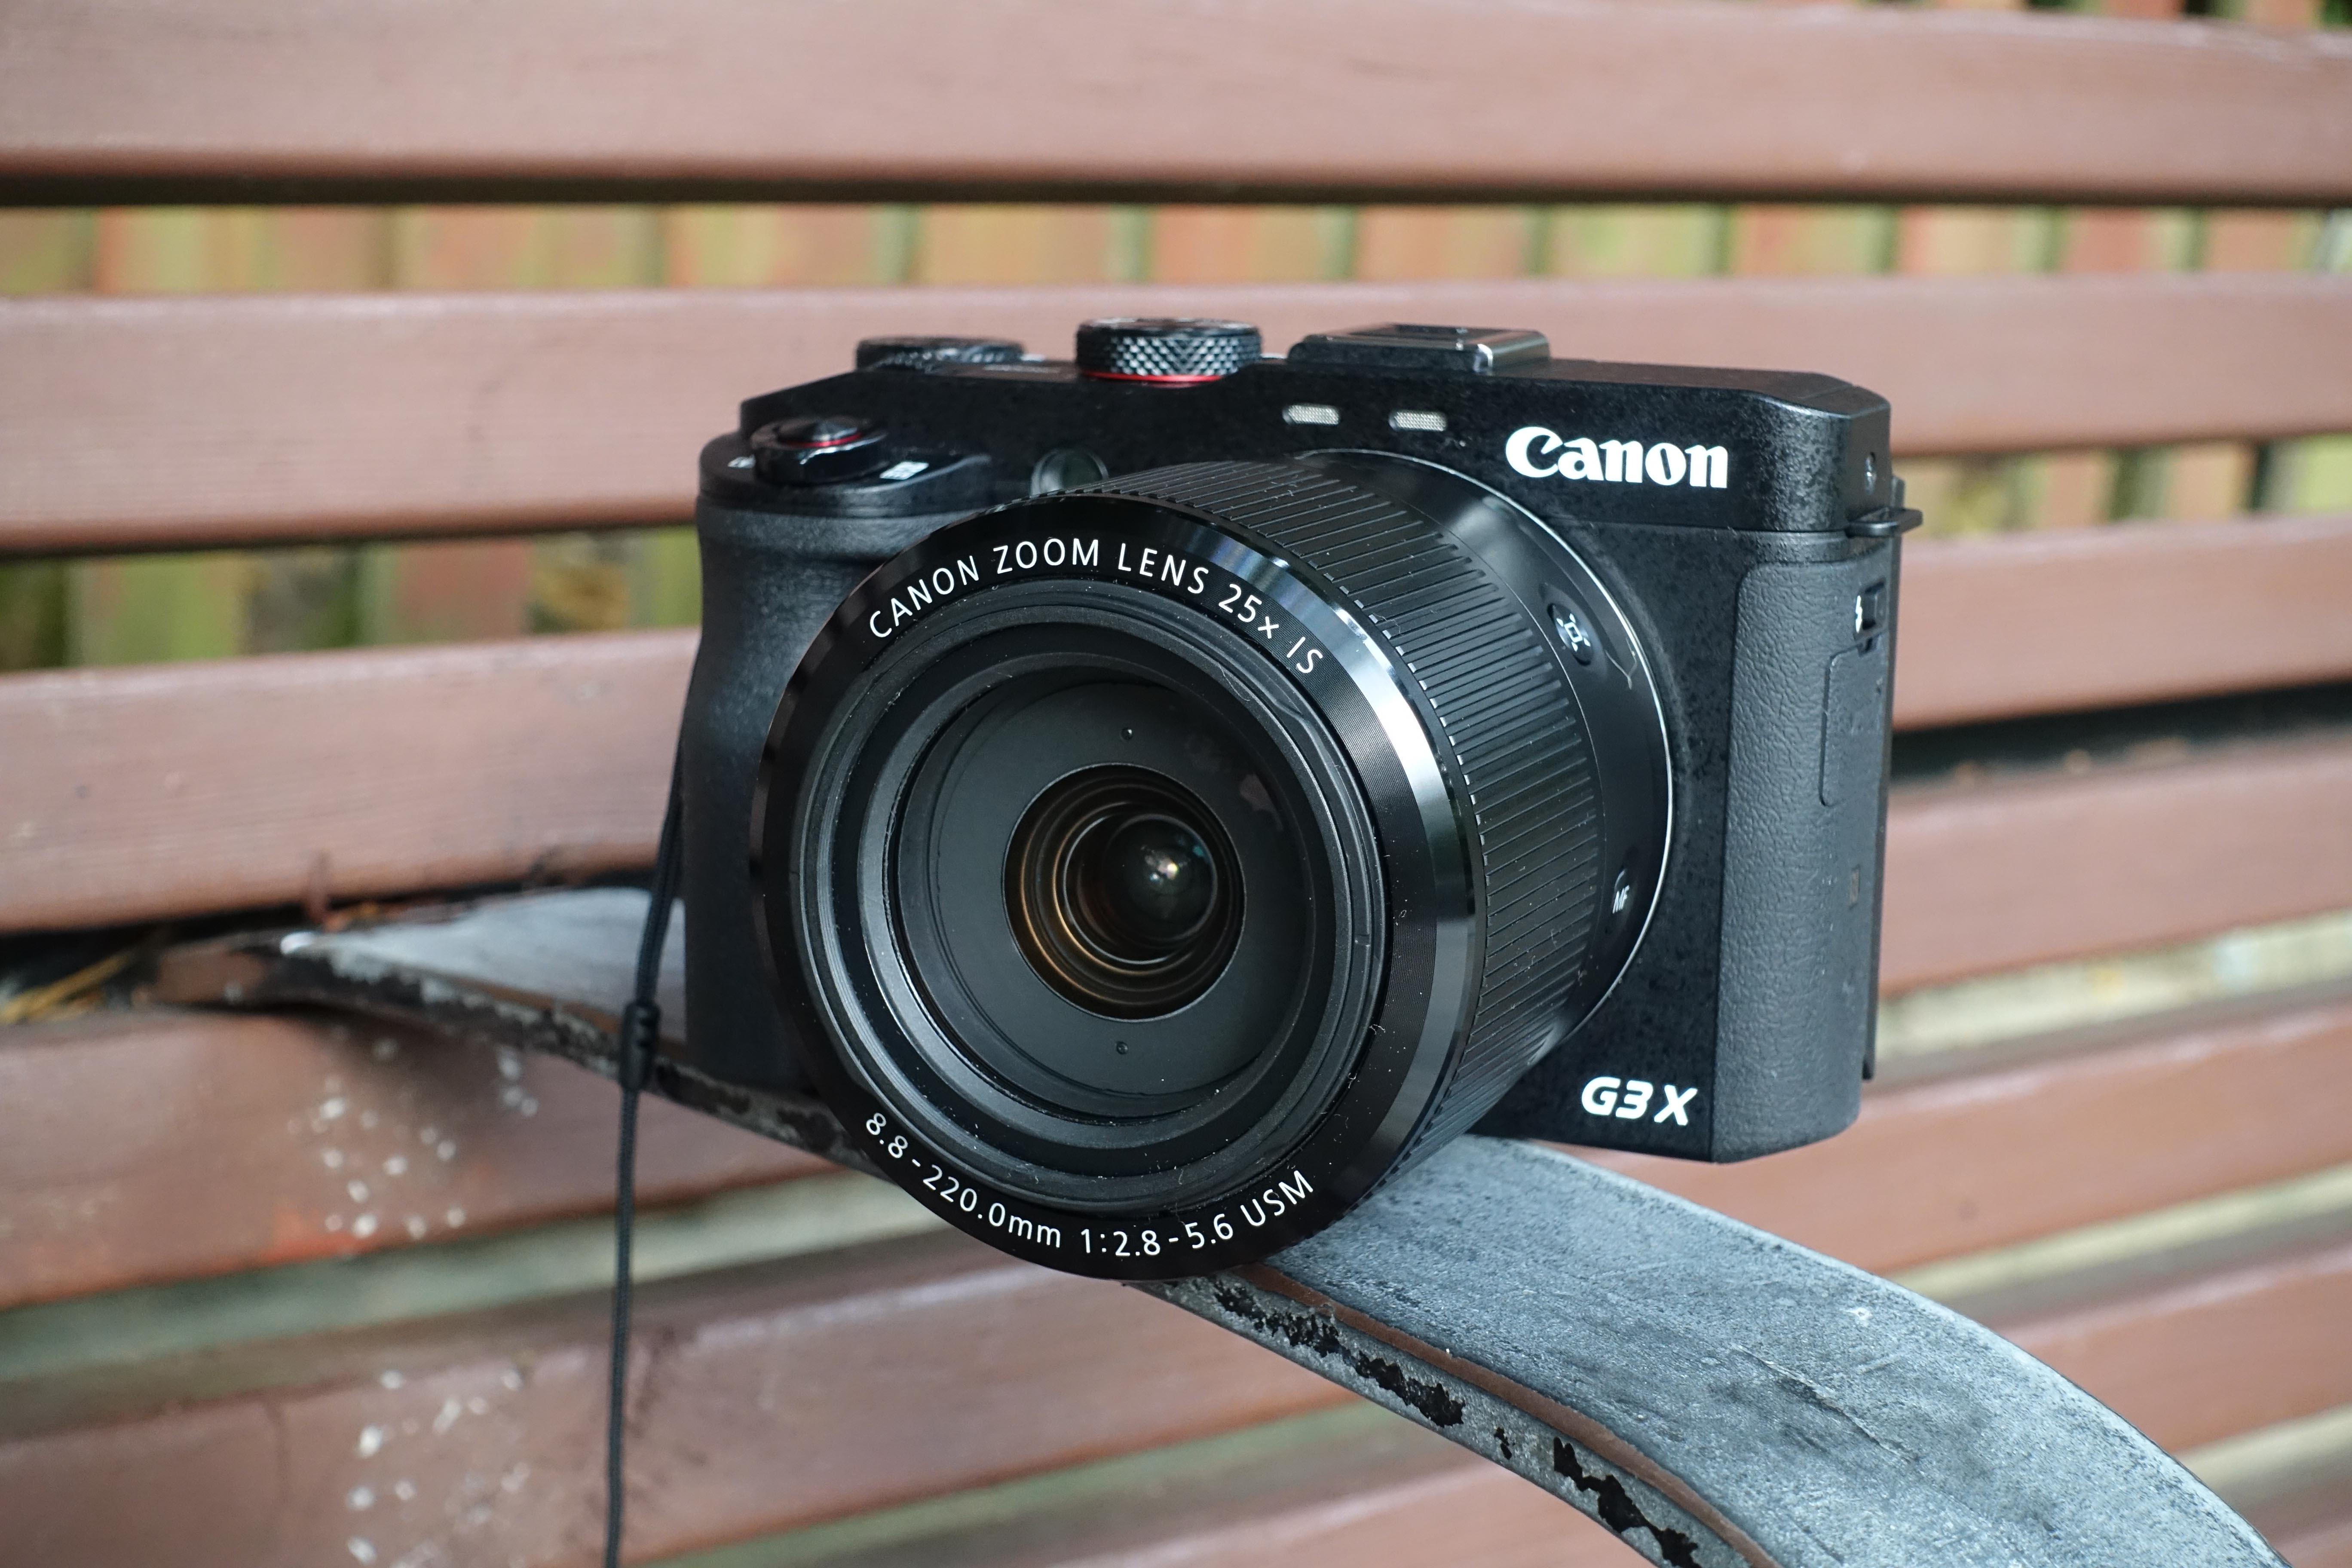 專業與天涯機混合體  | Canon PowerShot G3 X 上手實試